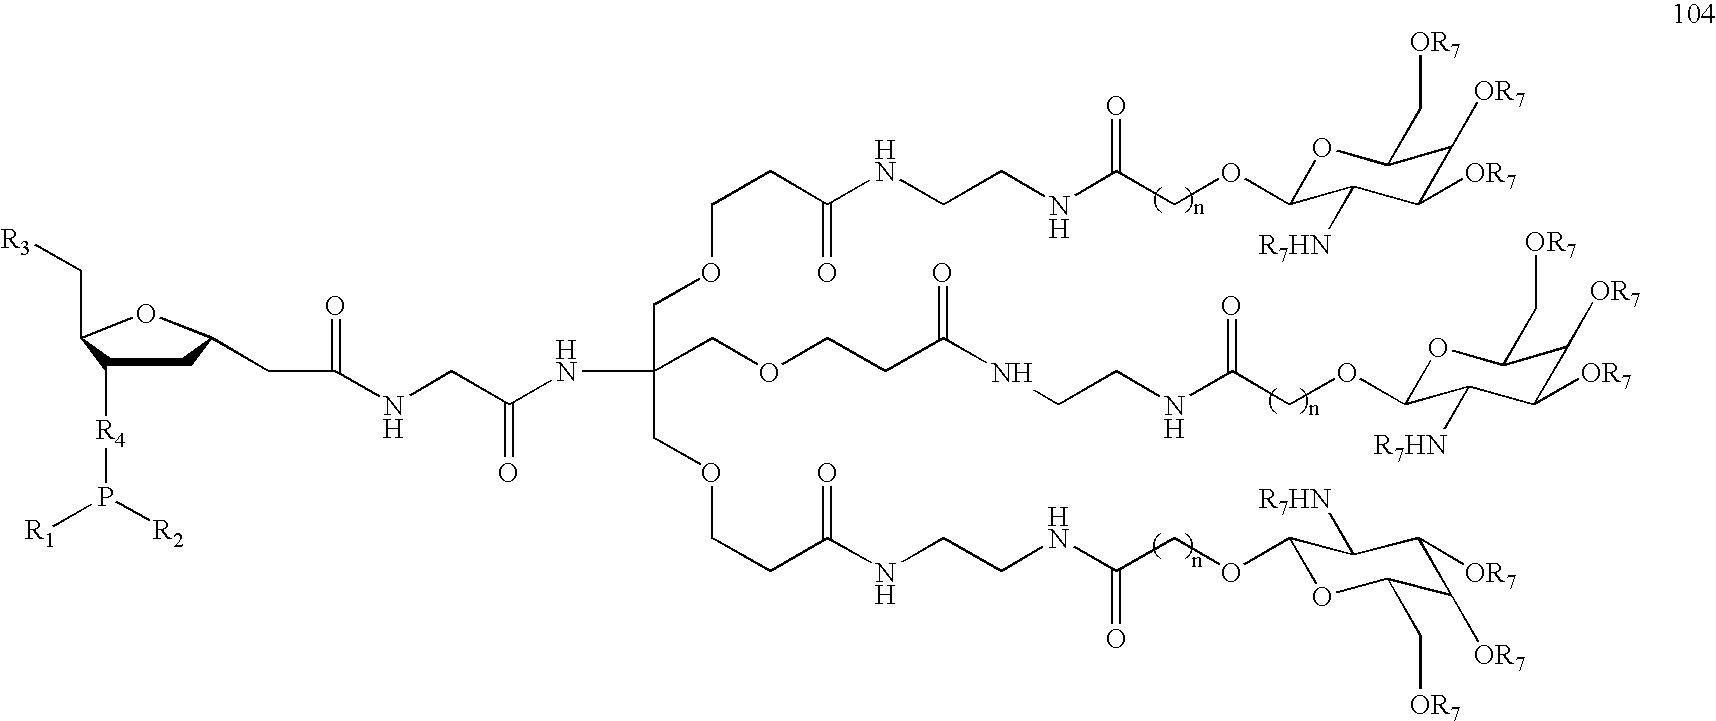 Figure US20050032733A1-20050210-C00058